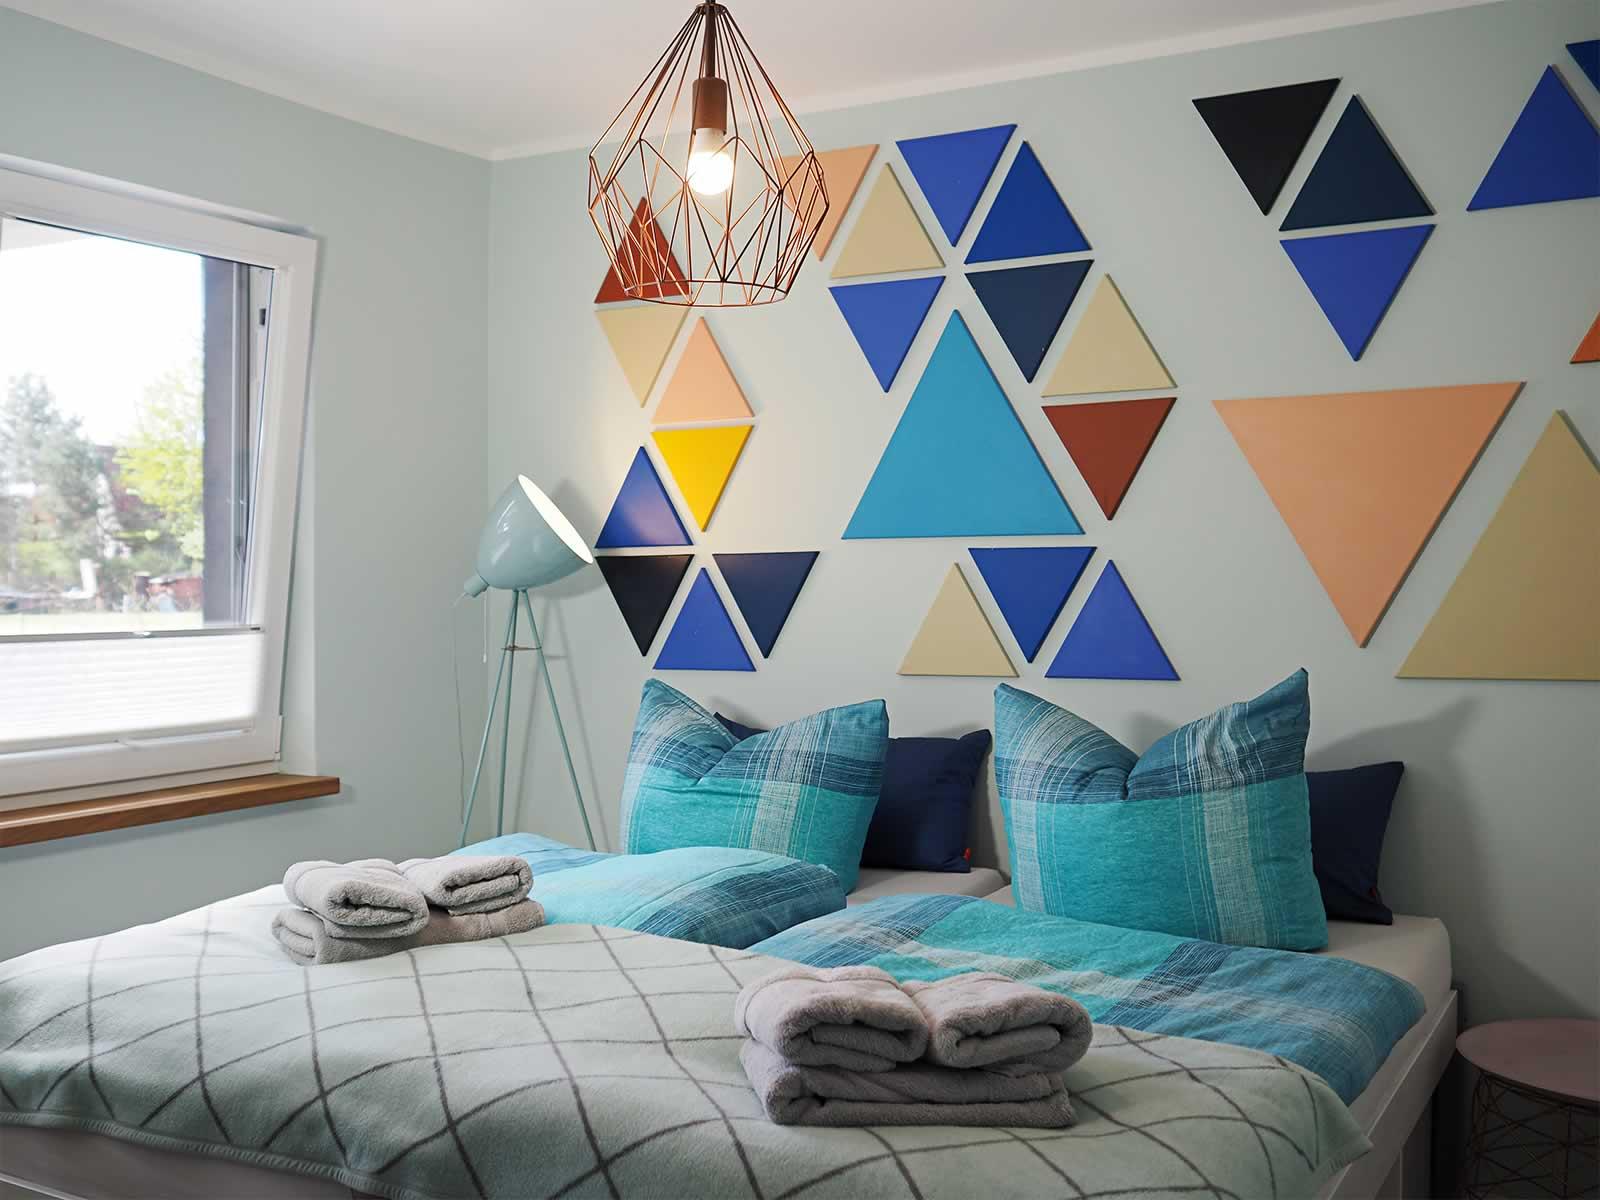 fototapete meer schlafzimmer nolte schlafzimmer set. Black Bedroom Furniture Sets. Home Design Ideas